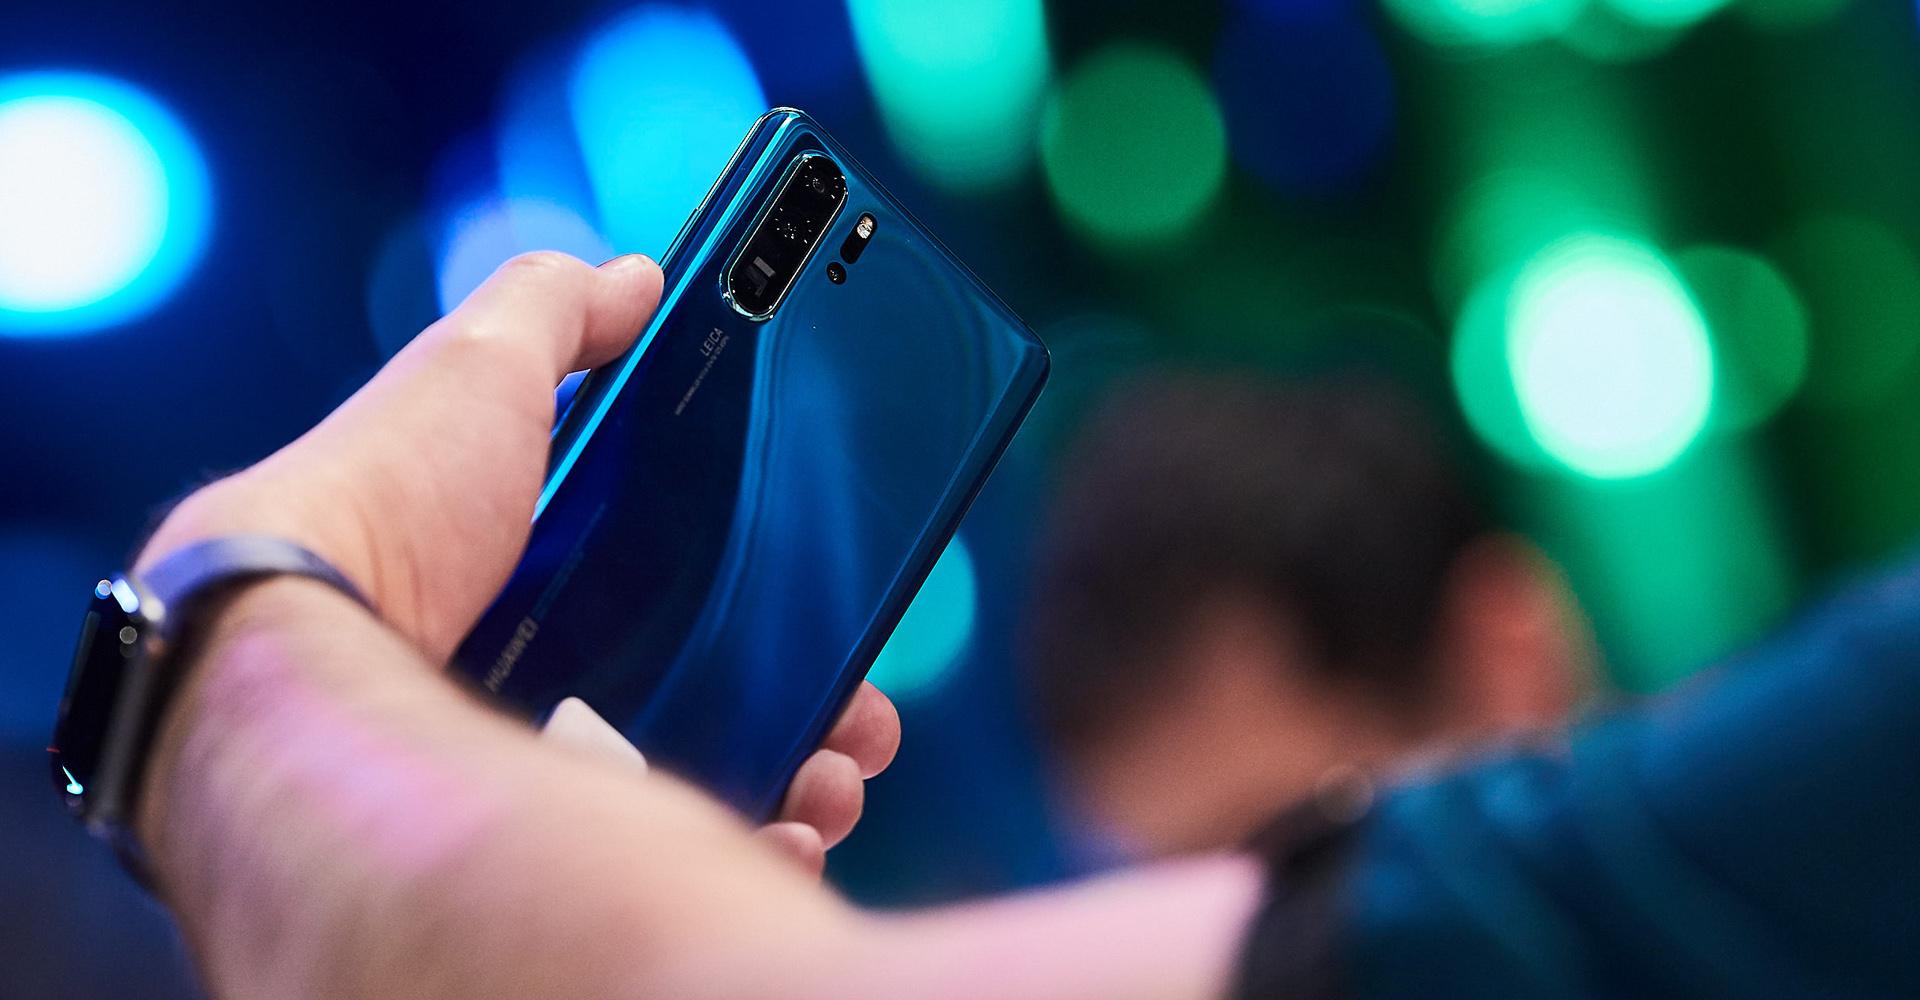 Smartphone ins Wasser gefallen: Wie kriege ich es trocken?